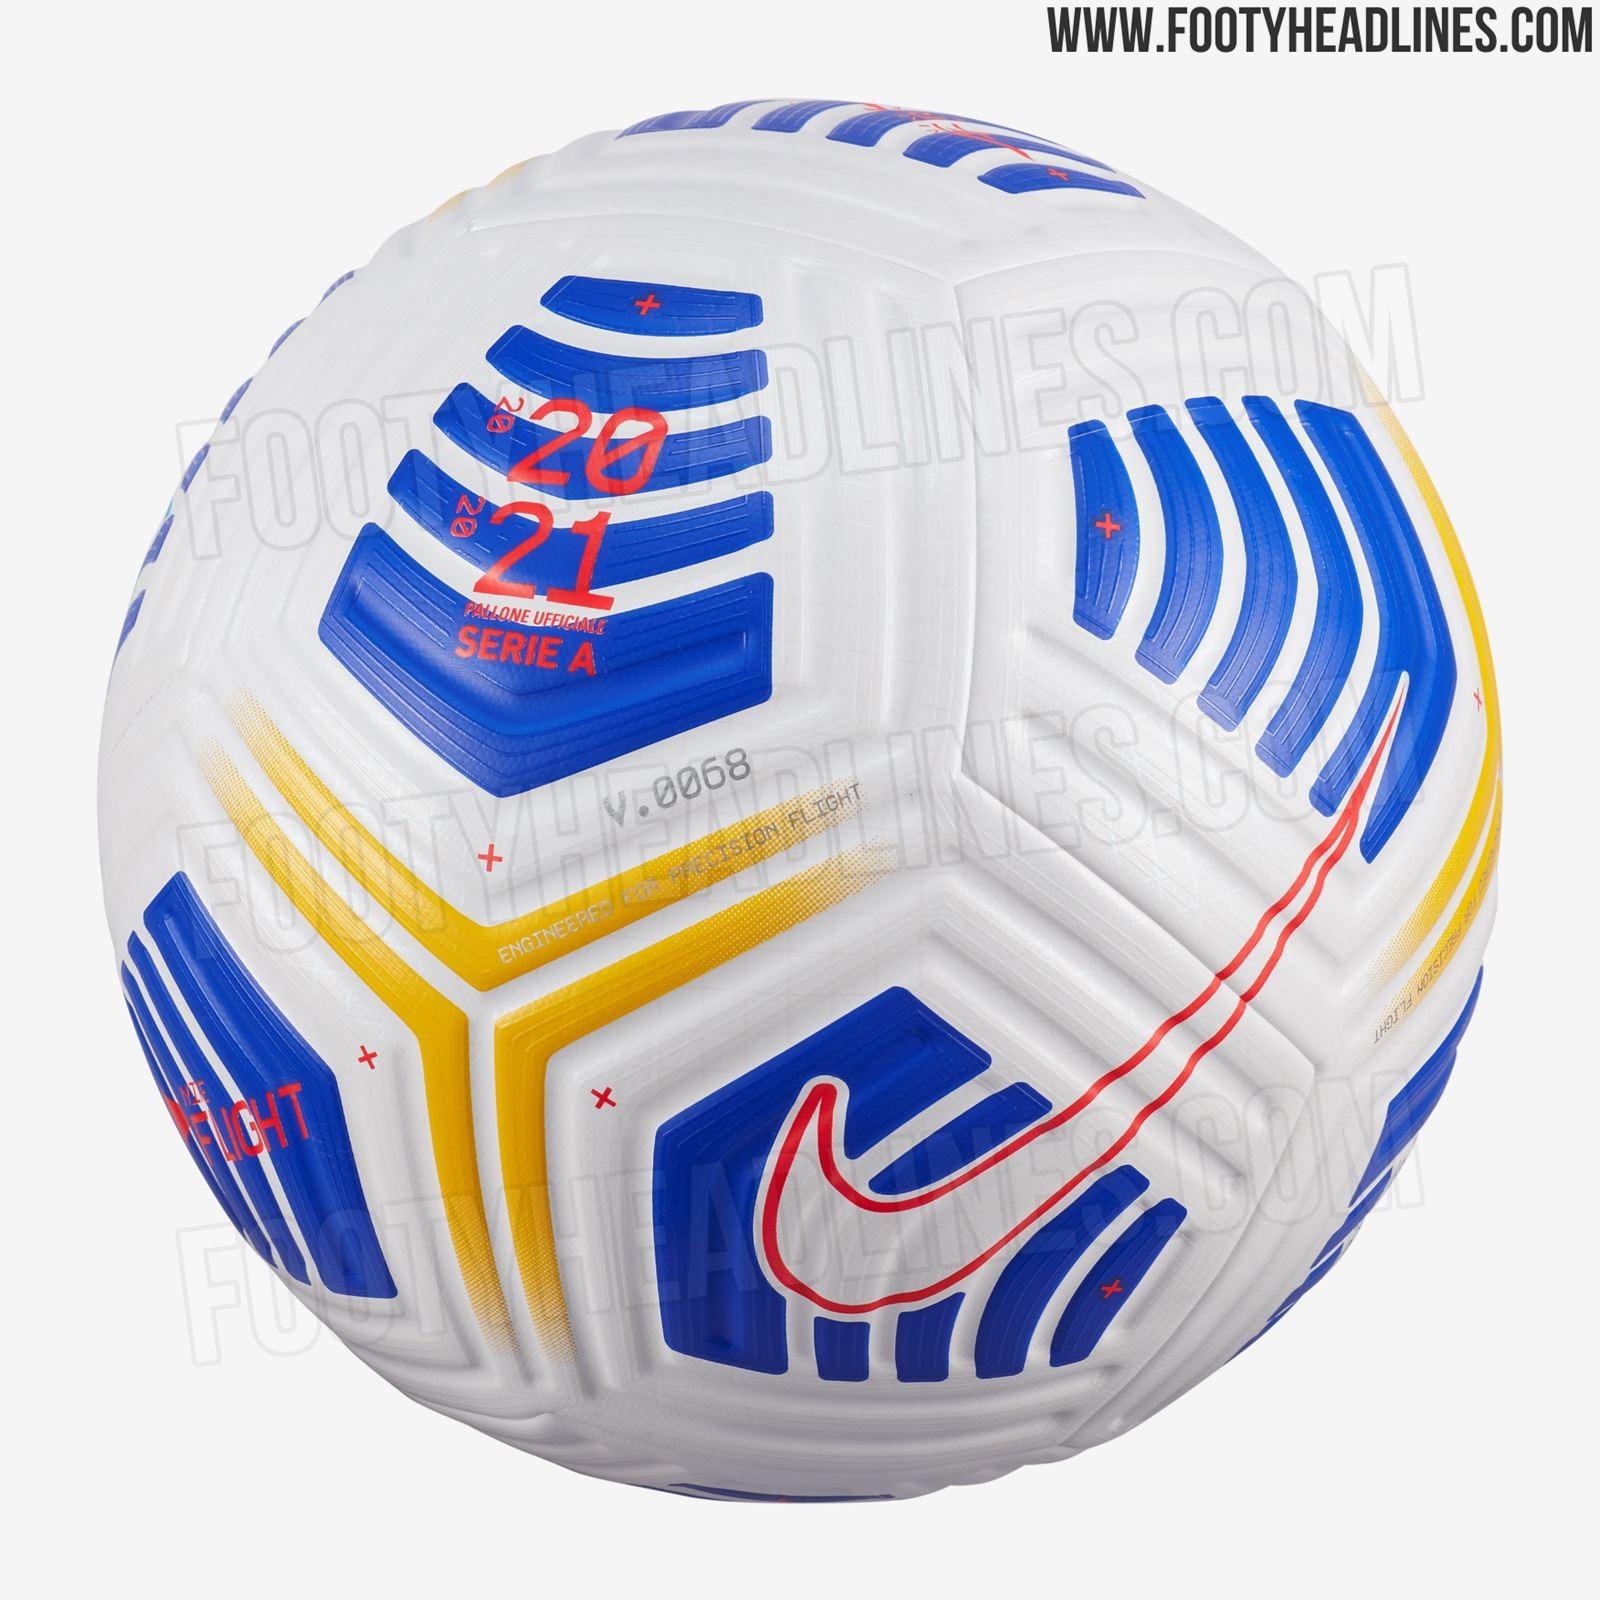 Nuovo Pallone da Calcio Nike Flight Aerowsculpt